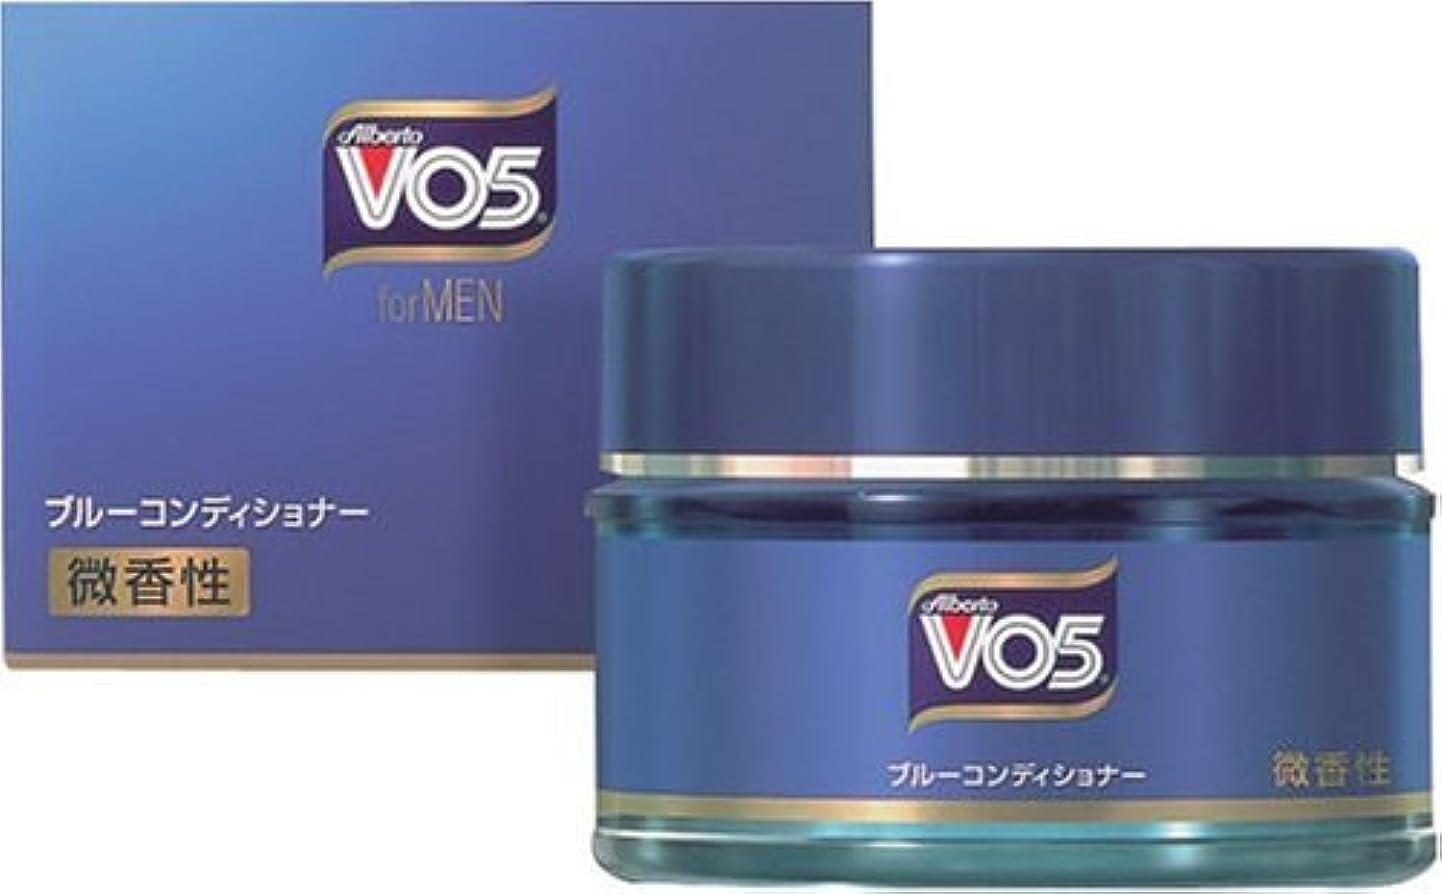 博覧会ブレス吸うVO5 for MEN ブルーコンディショナー 微香性 85g